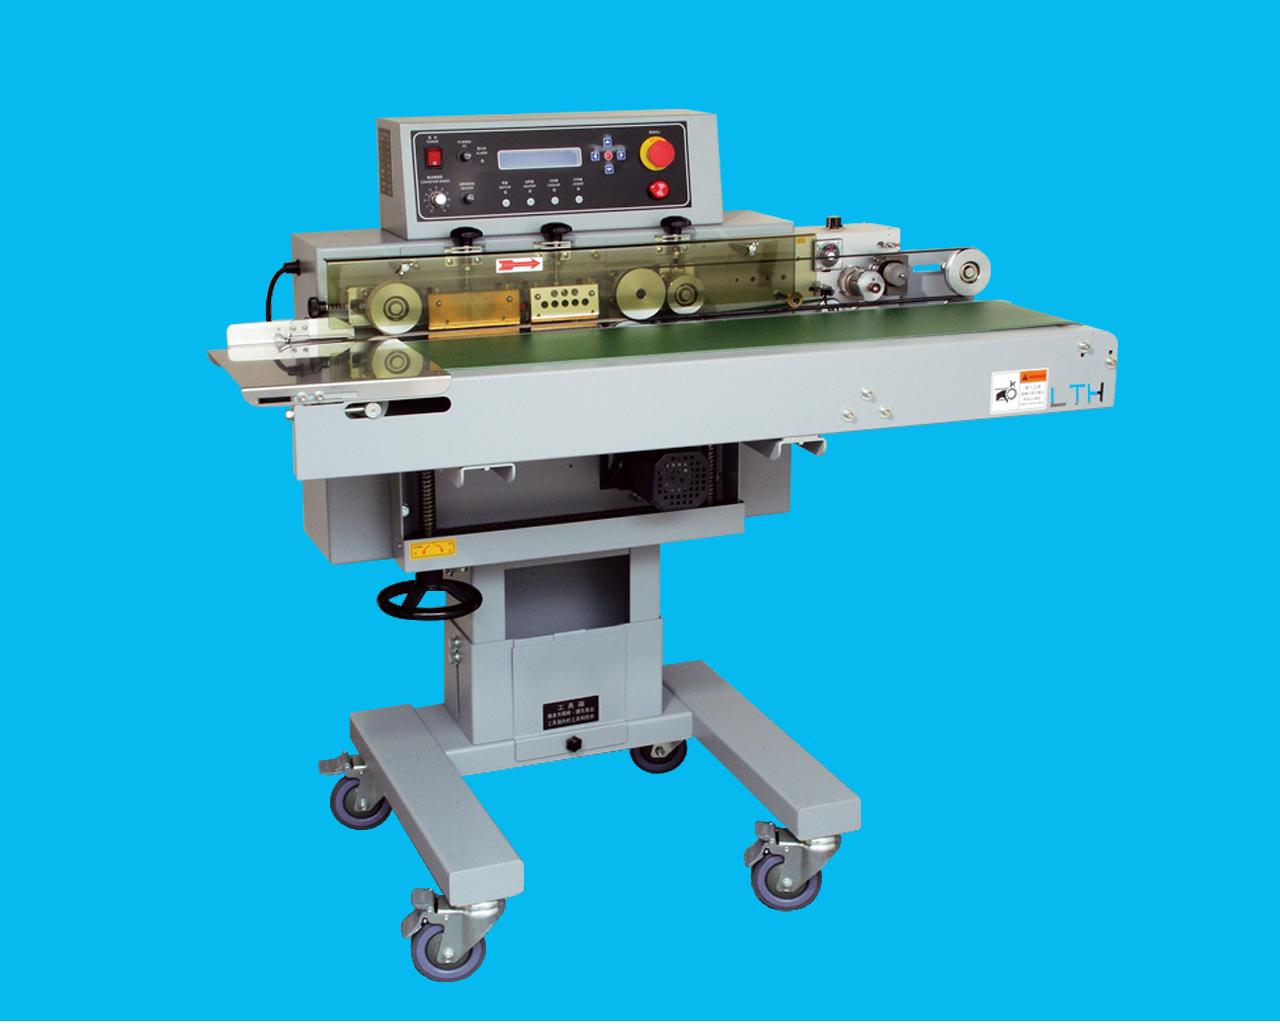 sealing packaging、band sealer、band sealing、sealing packaging machine、sealing machinery、sealer machine